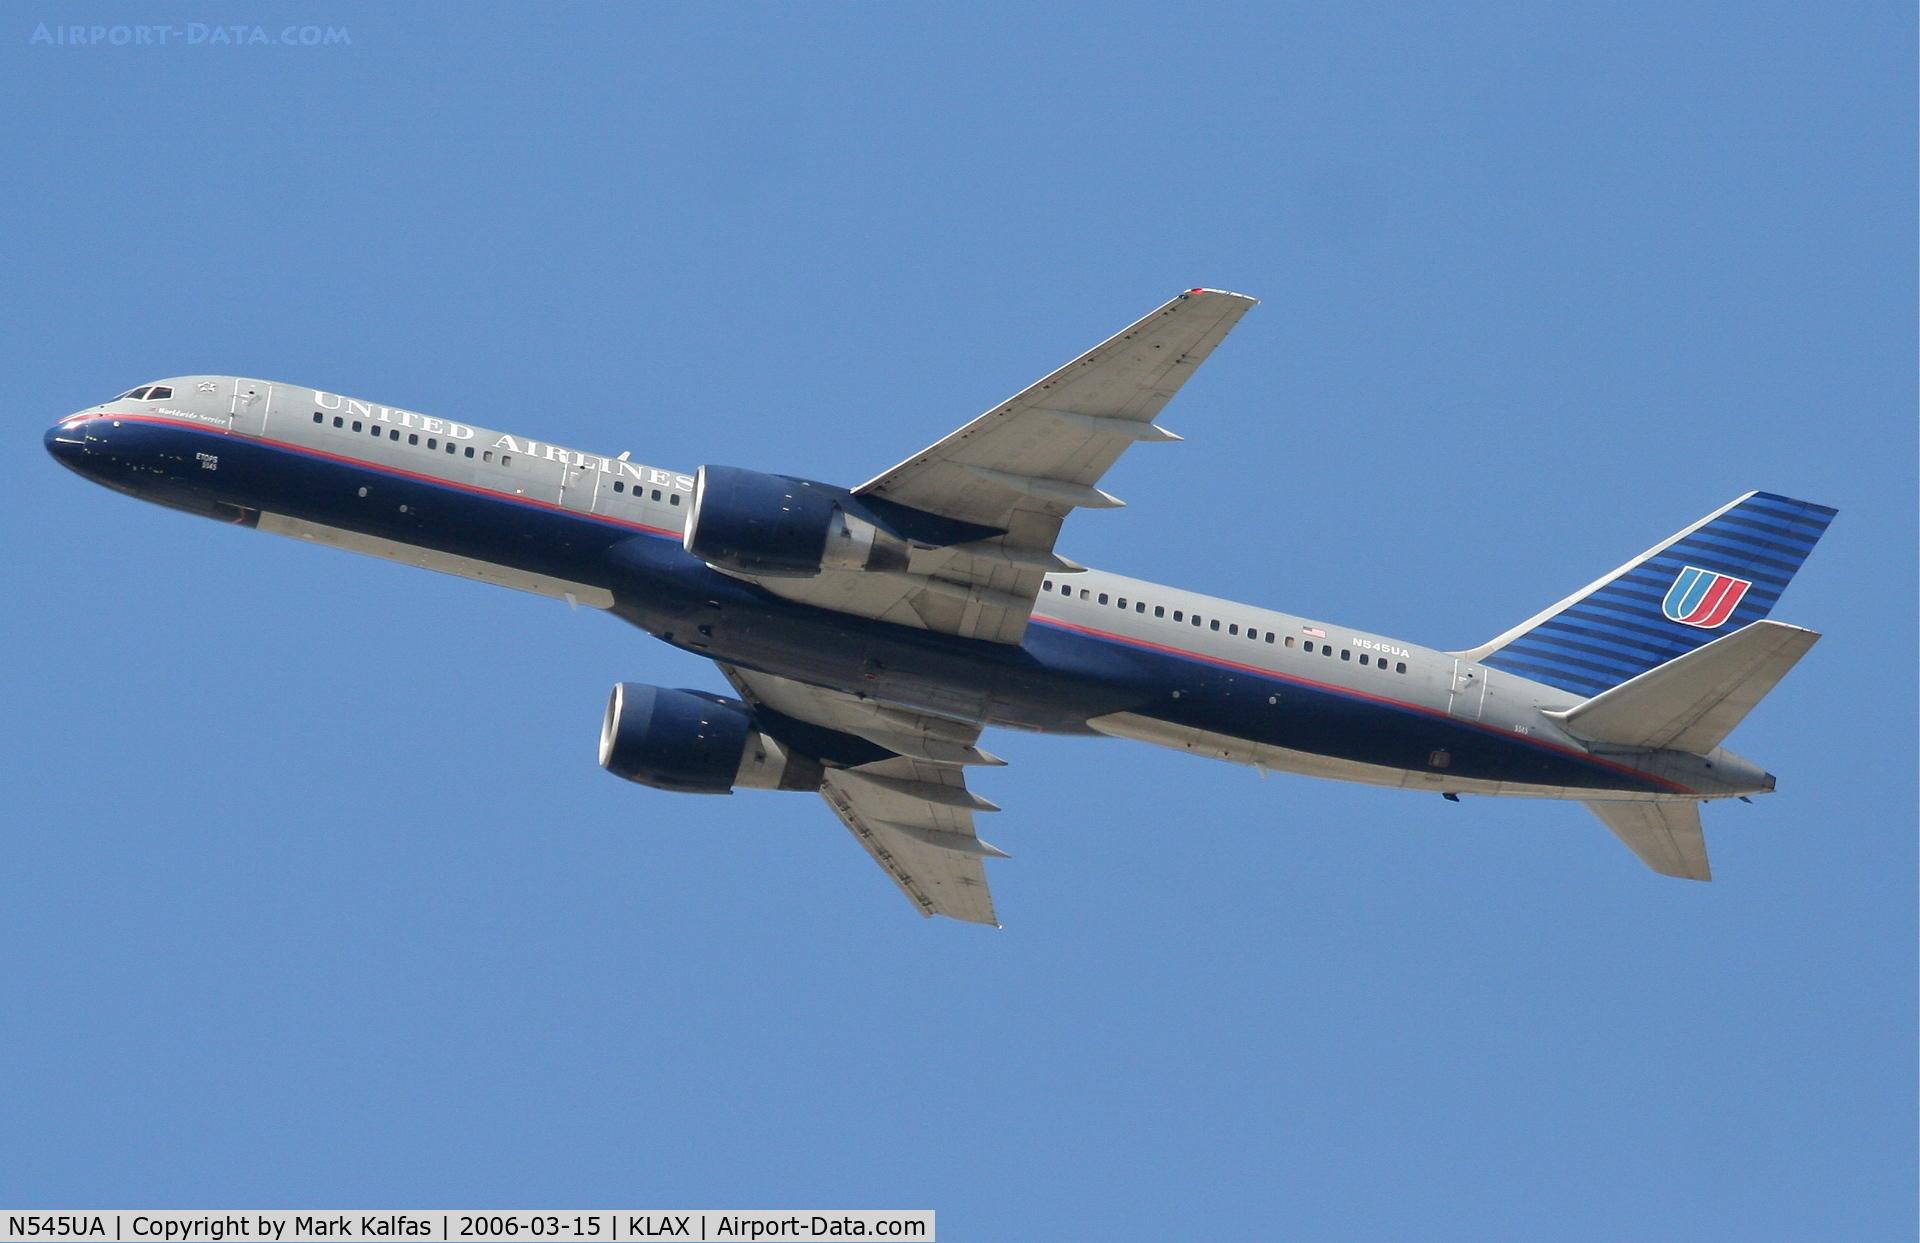 N545UA, 1991 Boeing 757-222 C/N 25323, United Airlines Boeing 757-222, N545UA departing KLAX 25R.